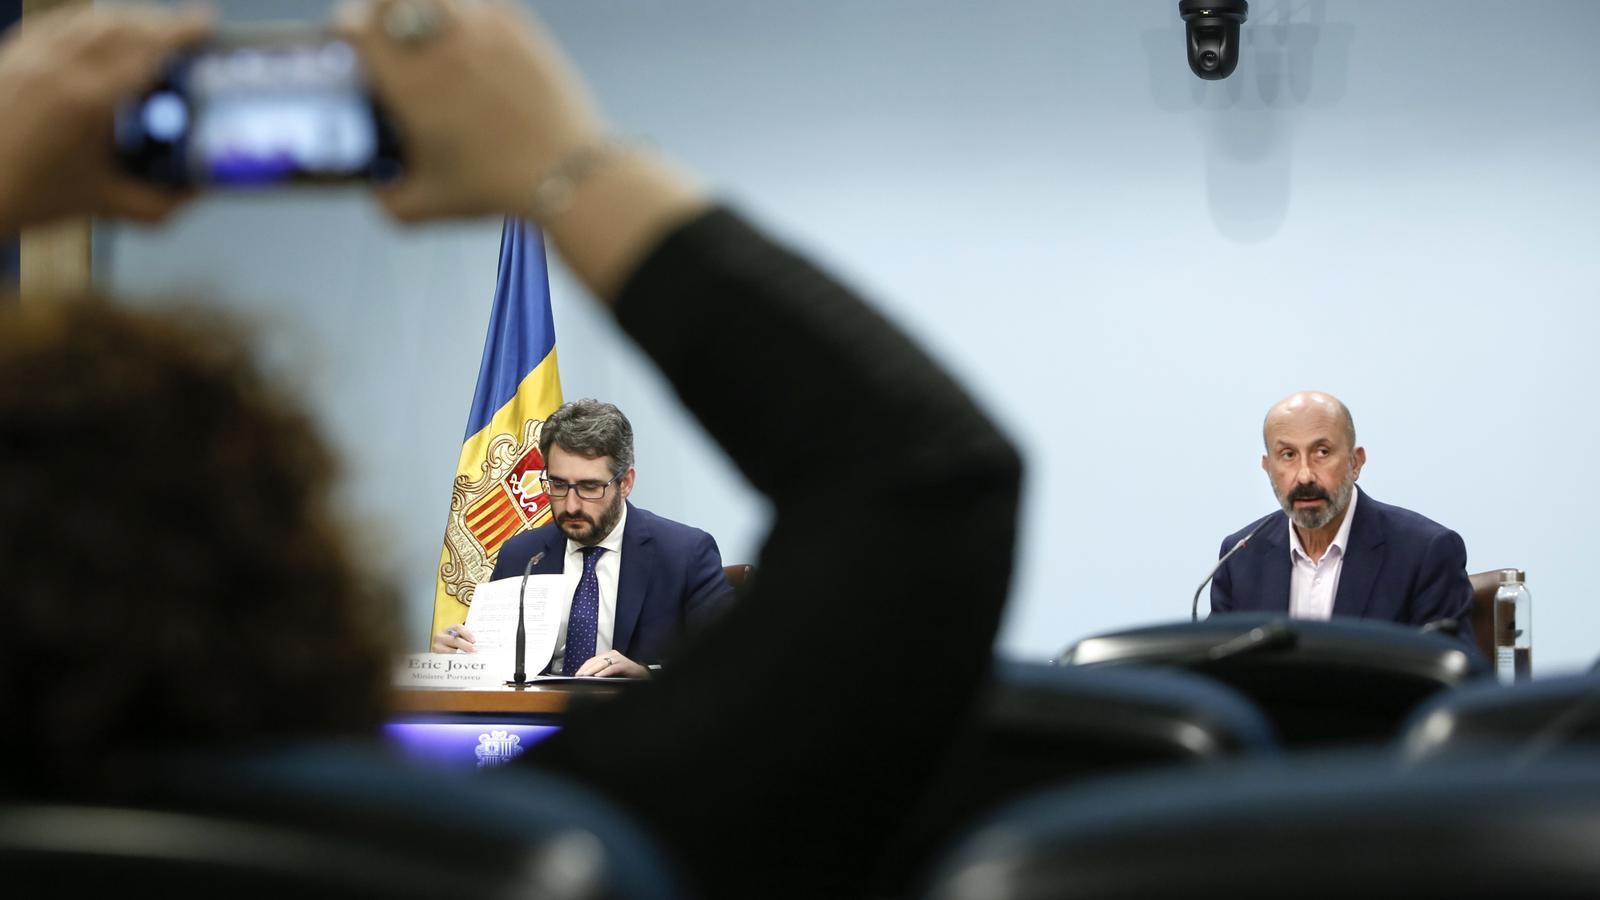 La cap de comunicació del Govern fa una foto del ministre portaveu i el ministre de Salut. / FSG